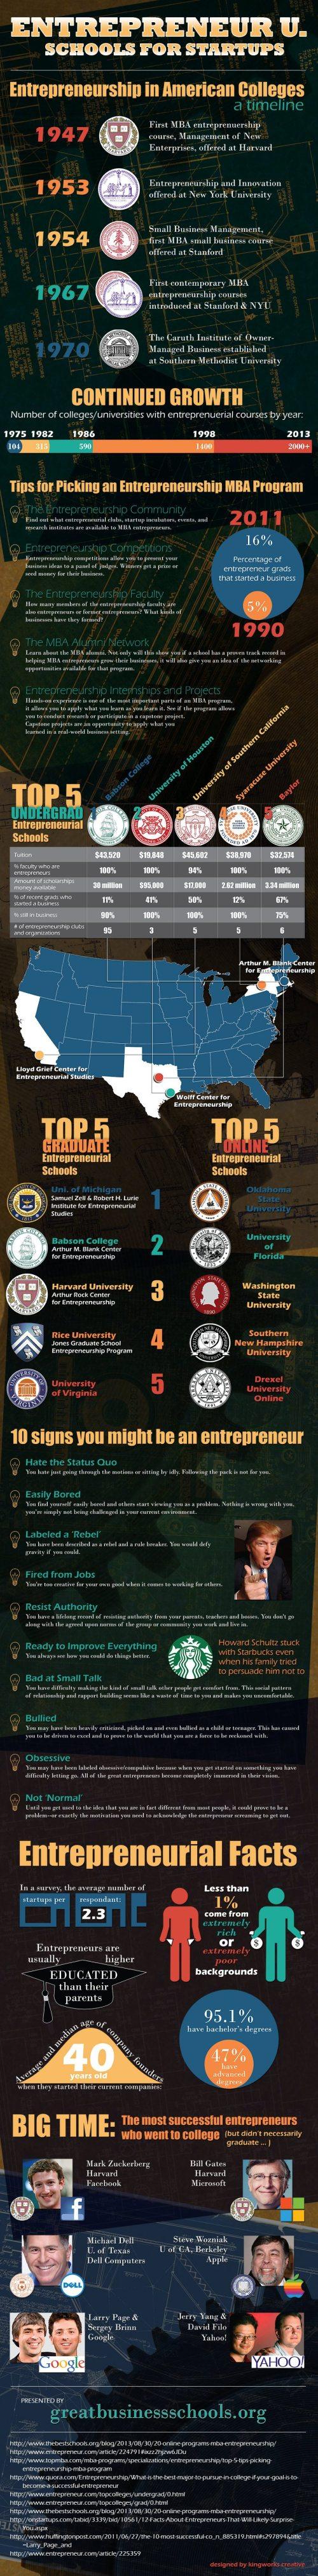 Entrepreneur Schools